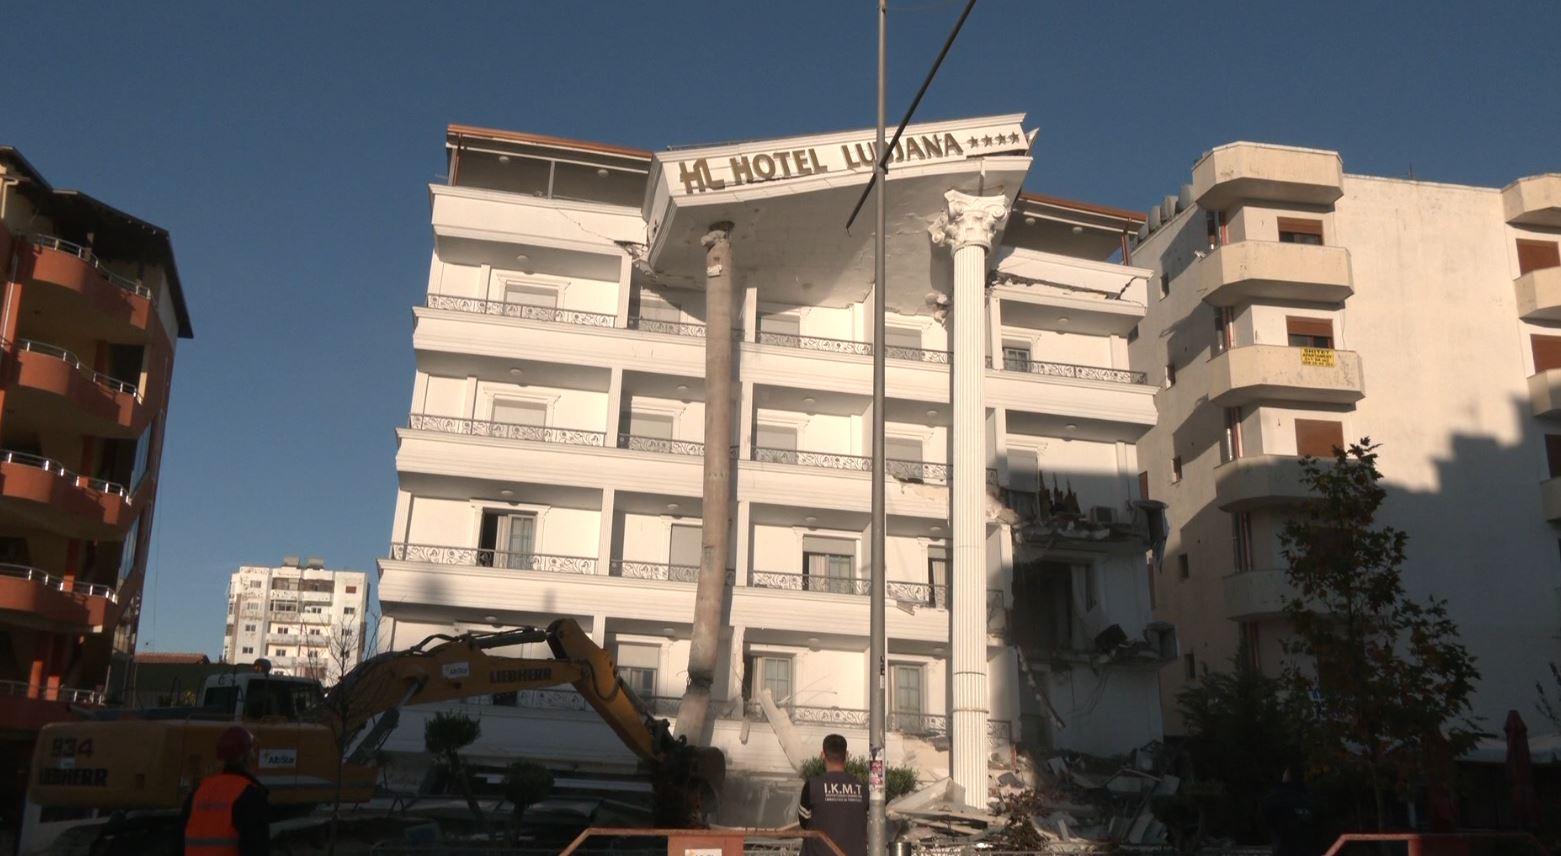 """IKMT shembi 20 objektet e para, pse shembja e Hotel """"Lubjana"""" është mjaft e vështirë?"""